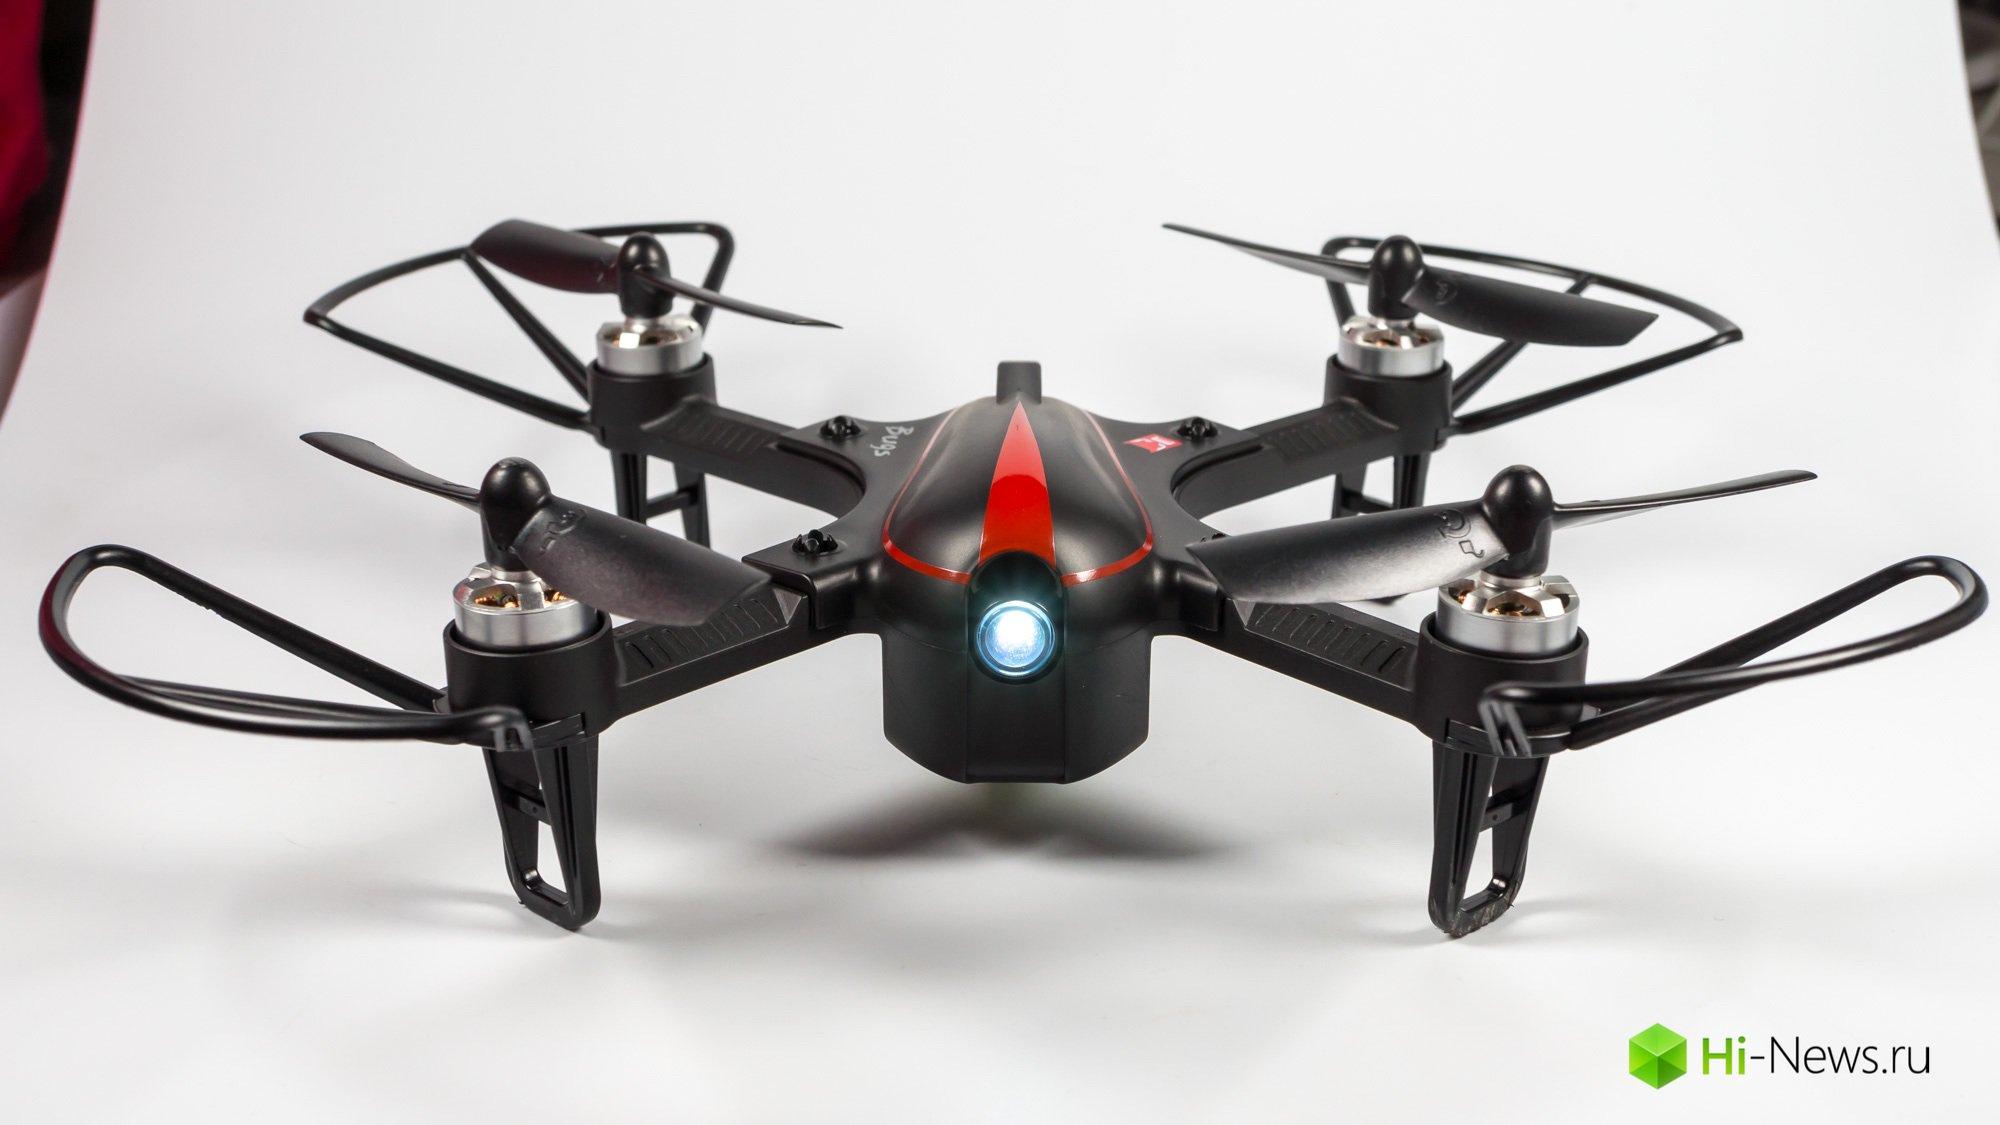 Обзор квадрокоптера MJX Bugs 3 Mini — бесколлекторные моторы и скорость